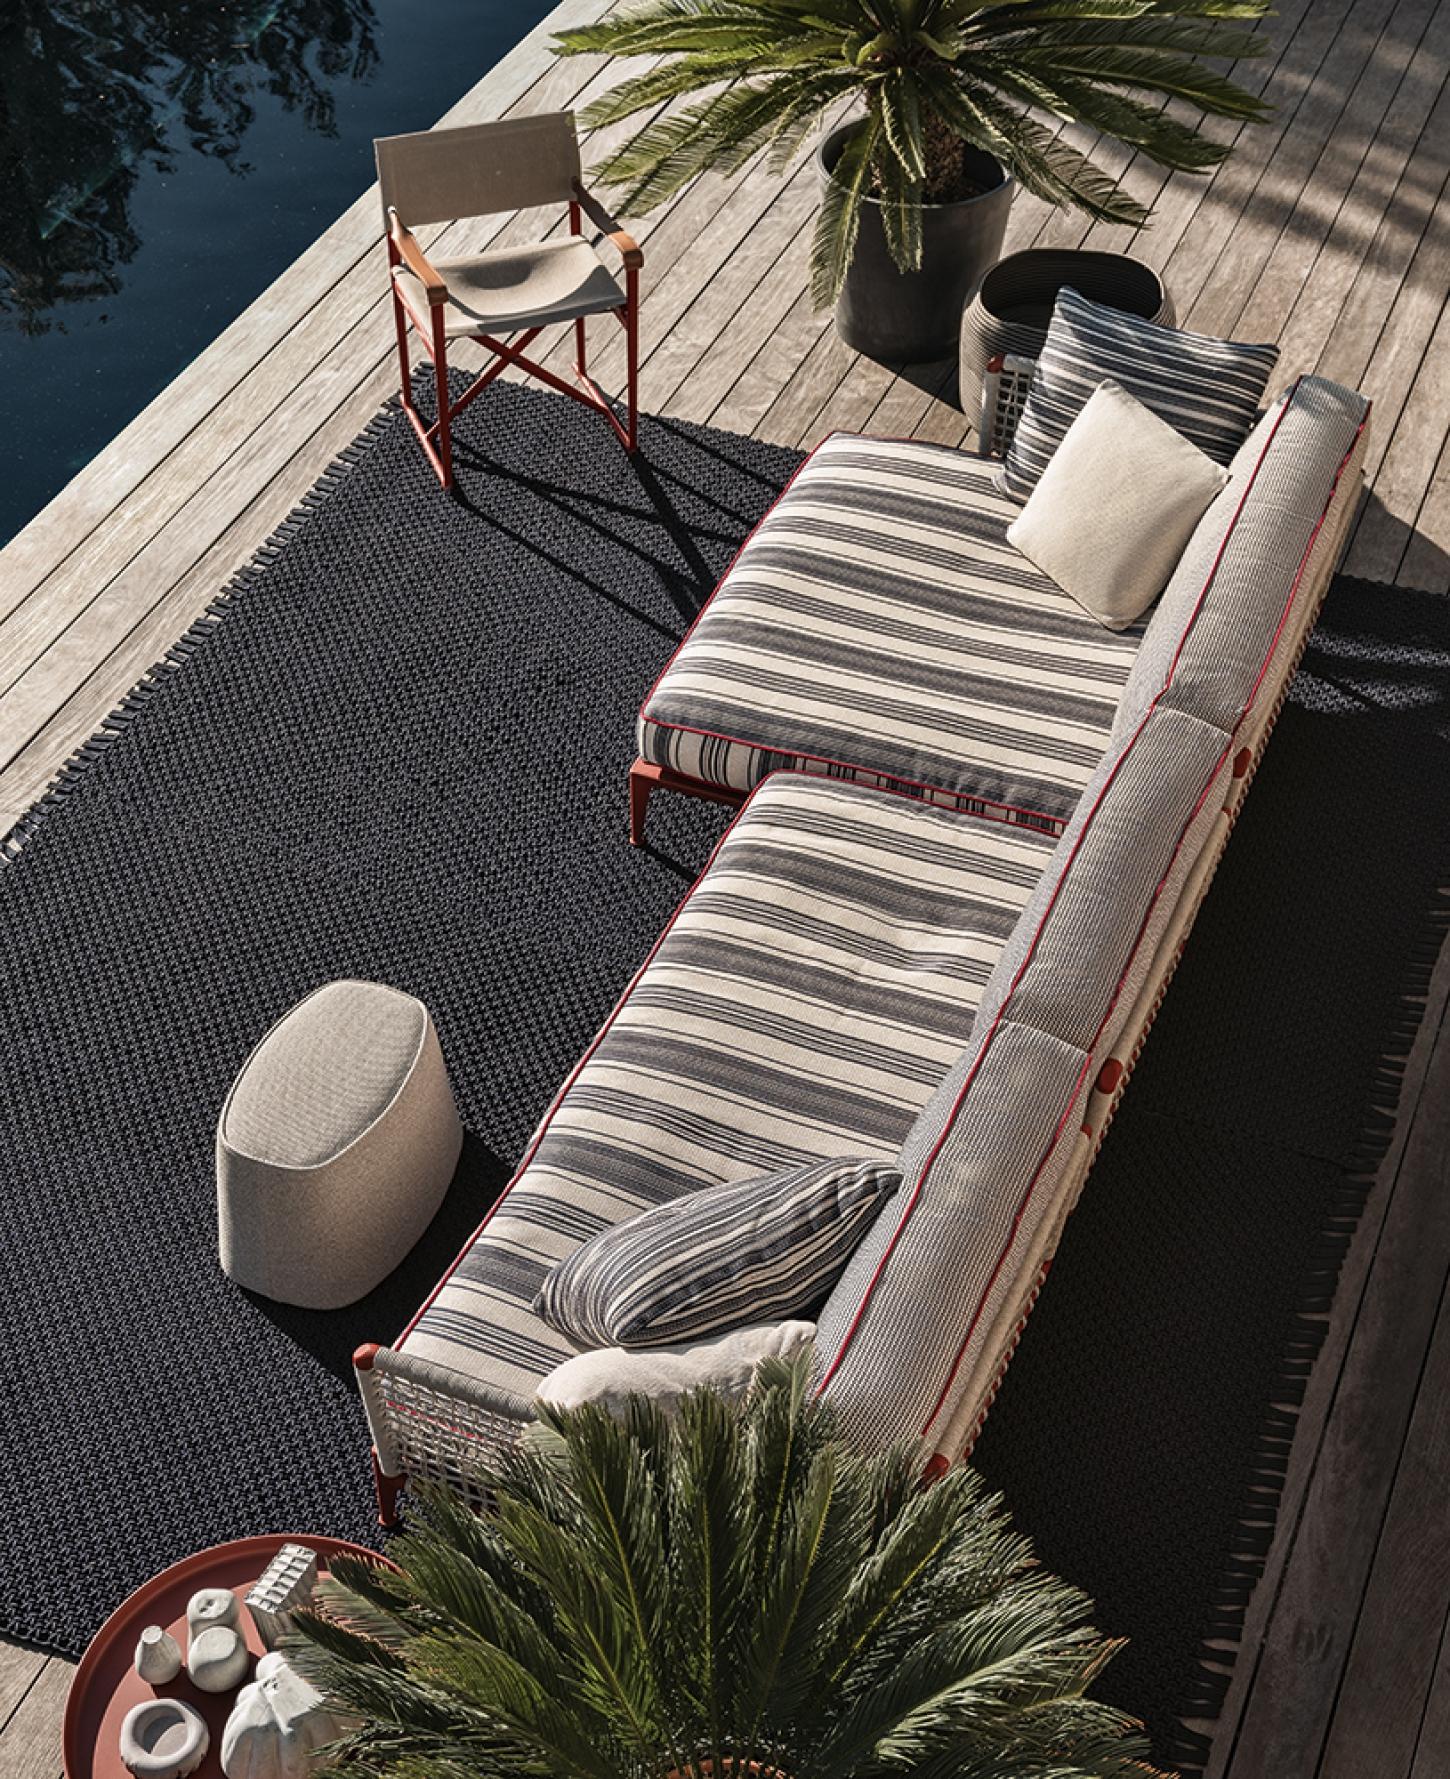 Het outdoor meubilair van B&B Italia focust op hedendaags design met een strakke en toch warme uitstraling.